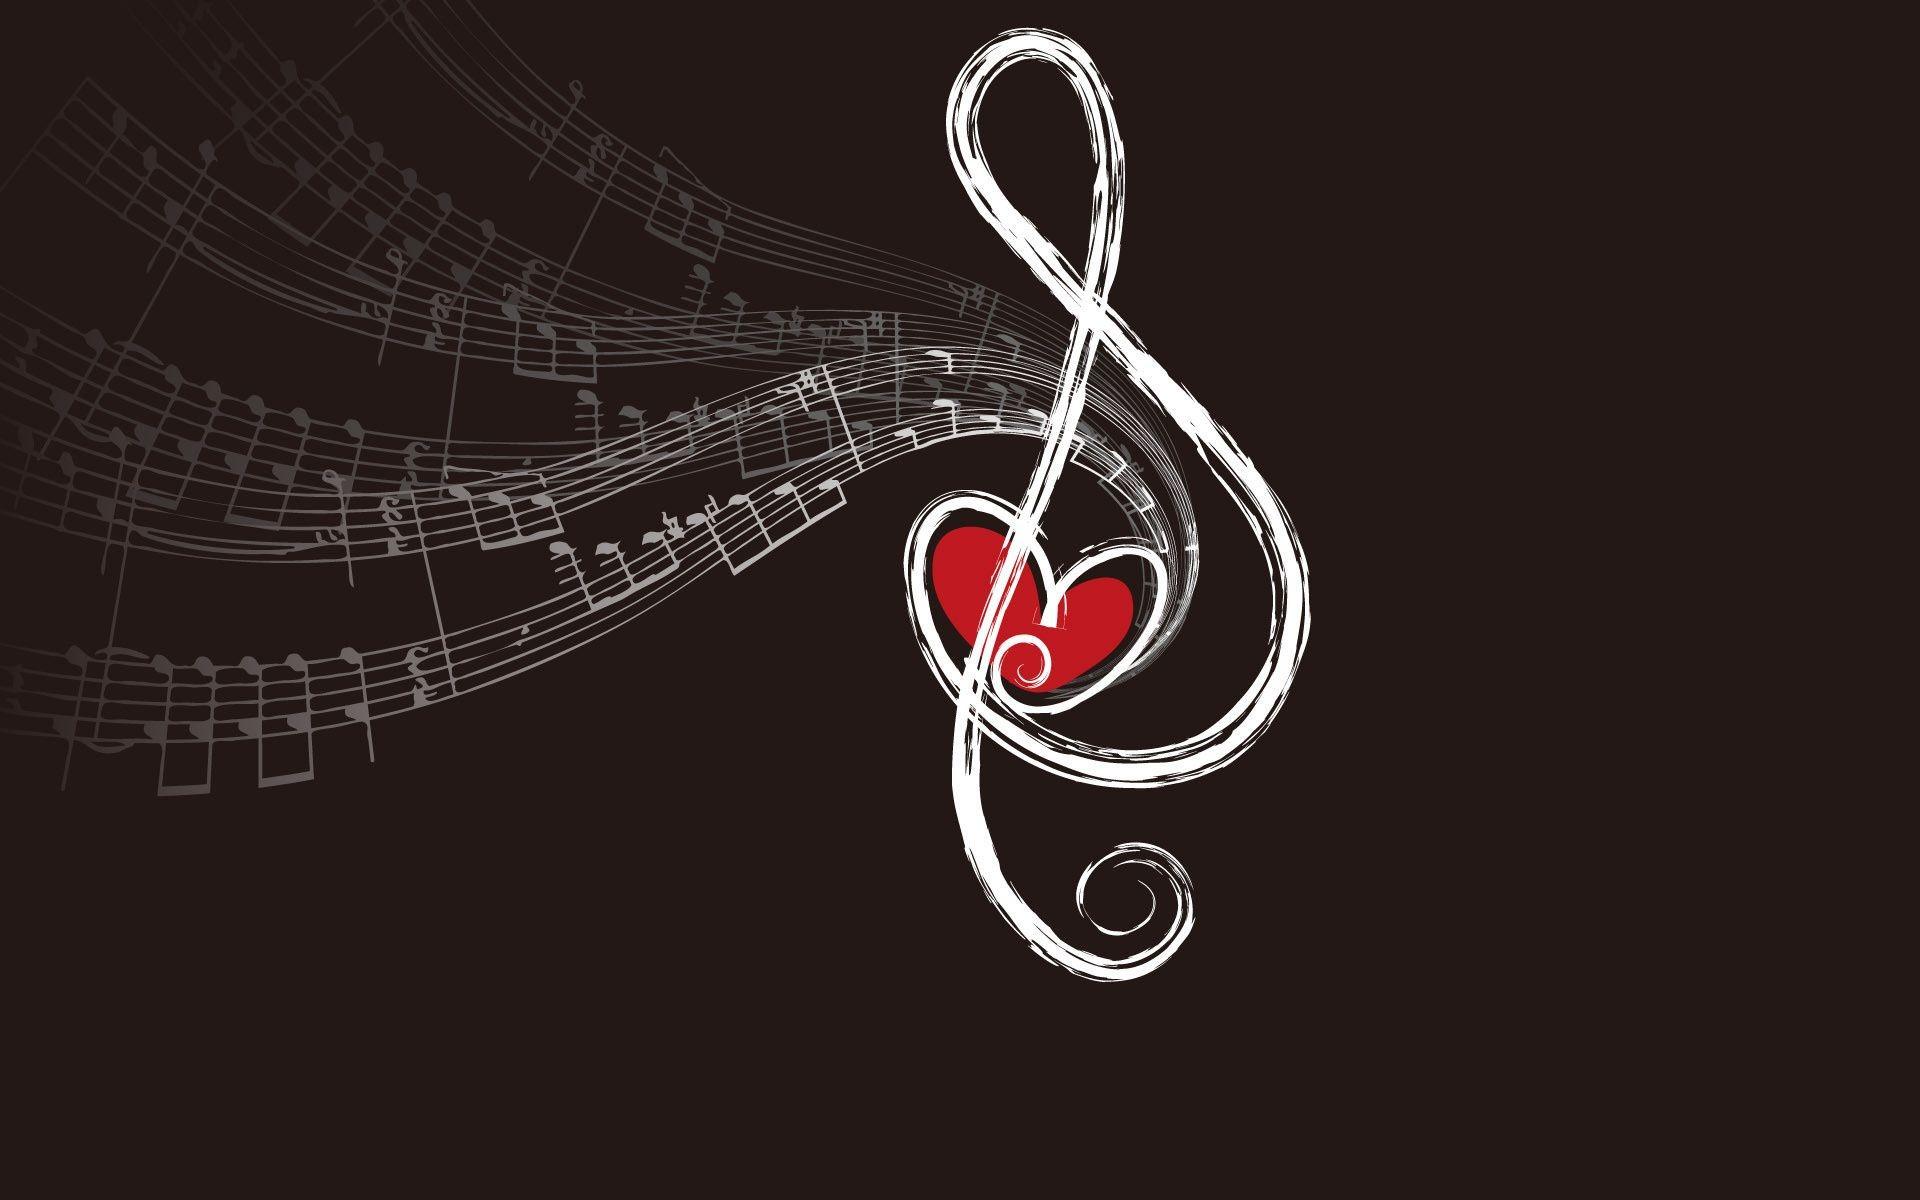 простой способ картинки на тему мелодии любви таком случае, при